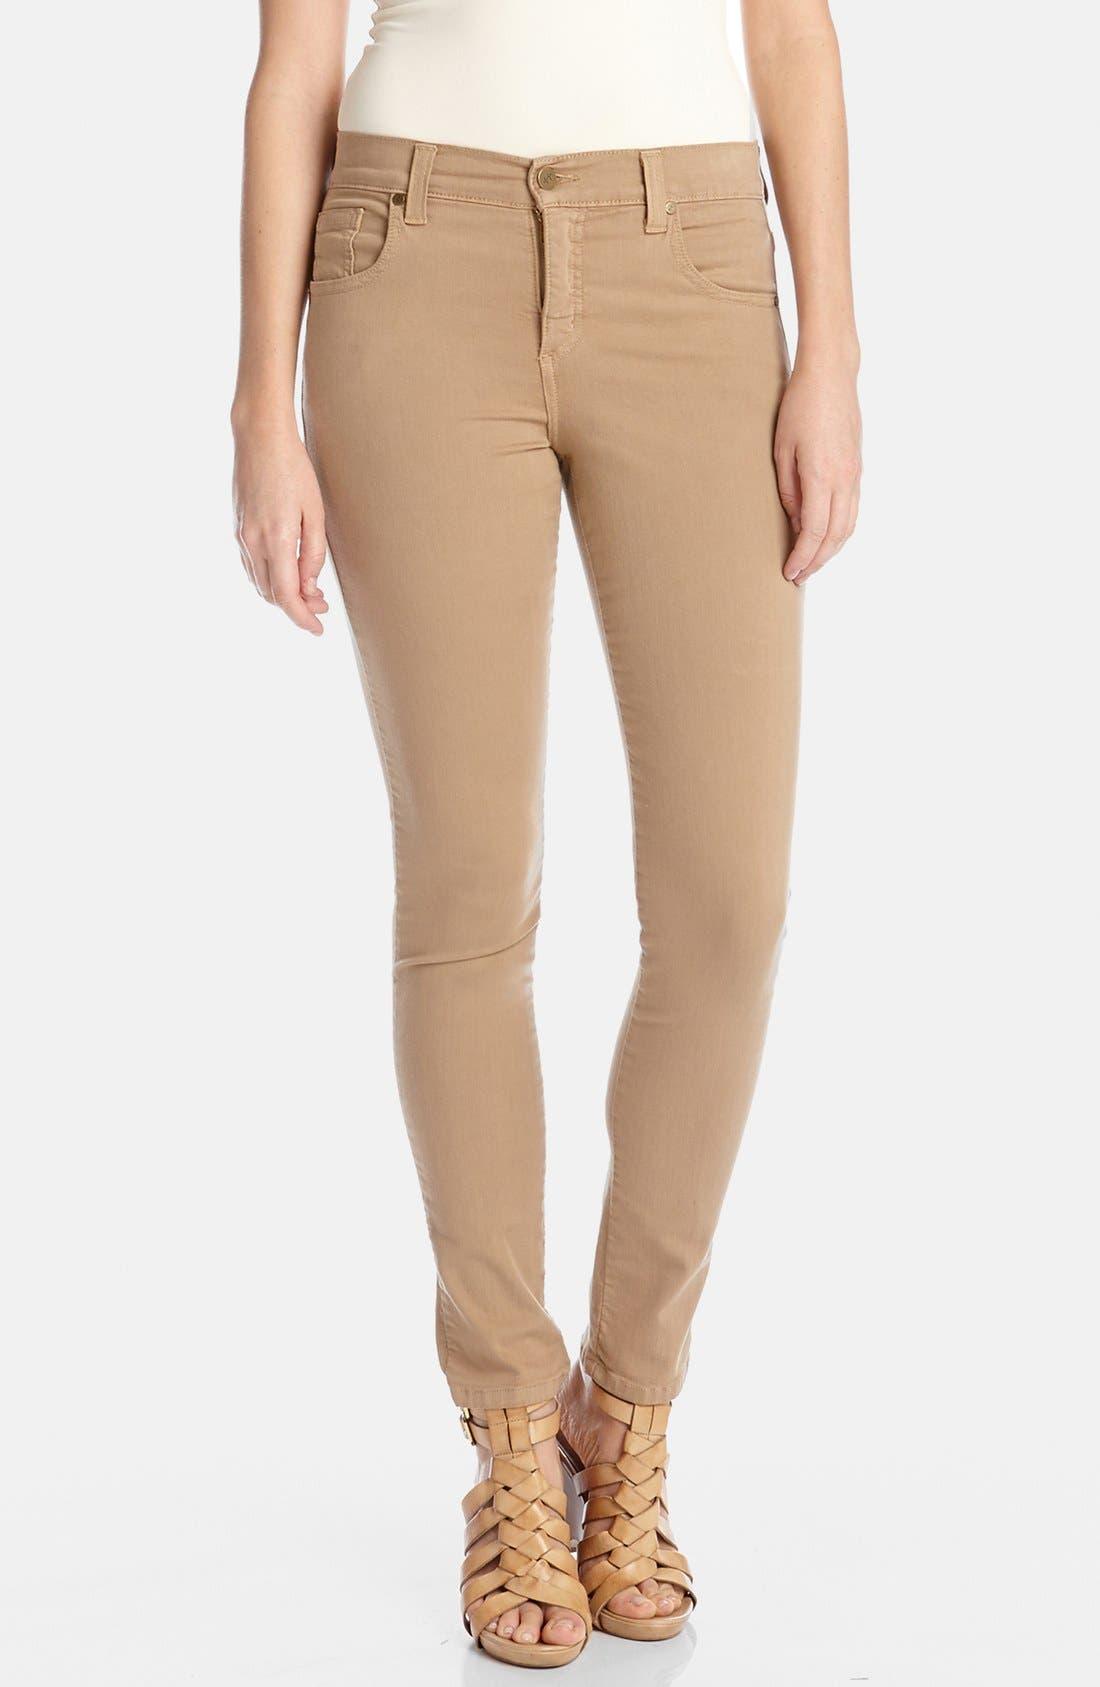 Main Image - Karen Kane 'Zuma' Stretch Twill Skinny Jeans